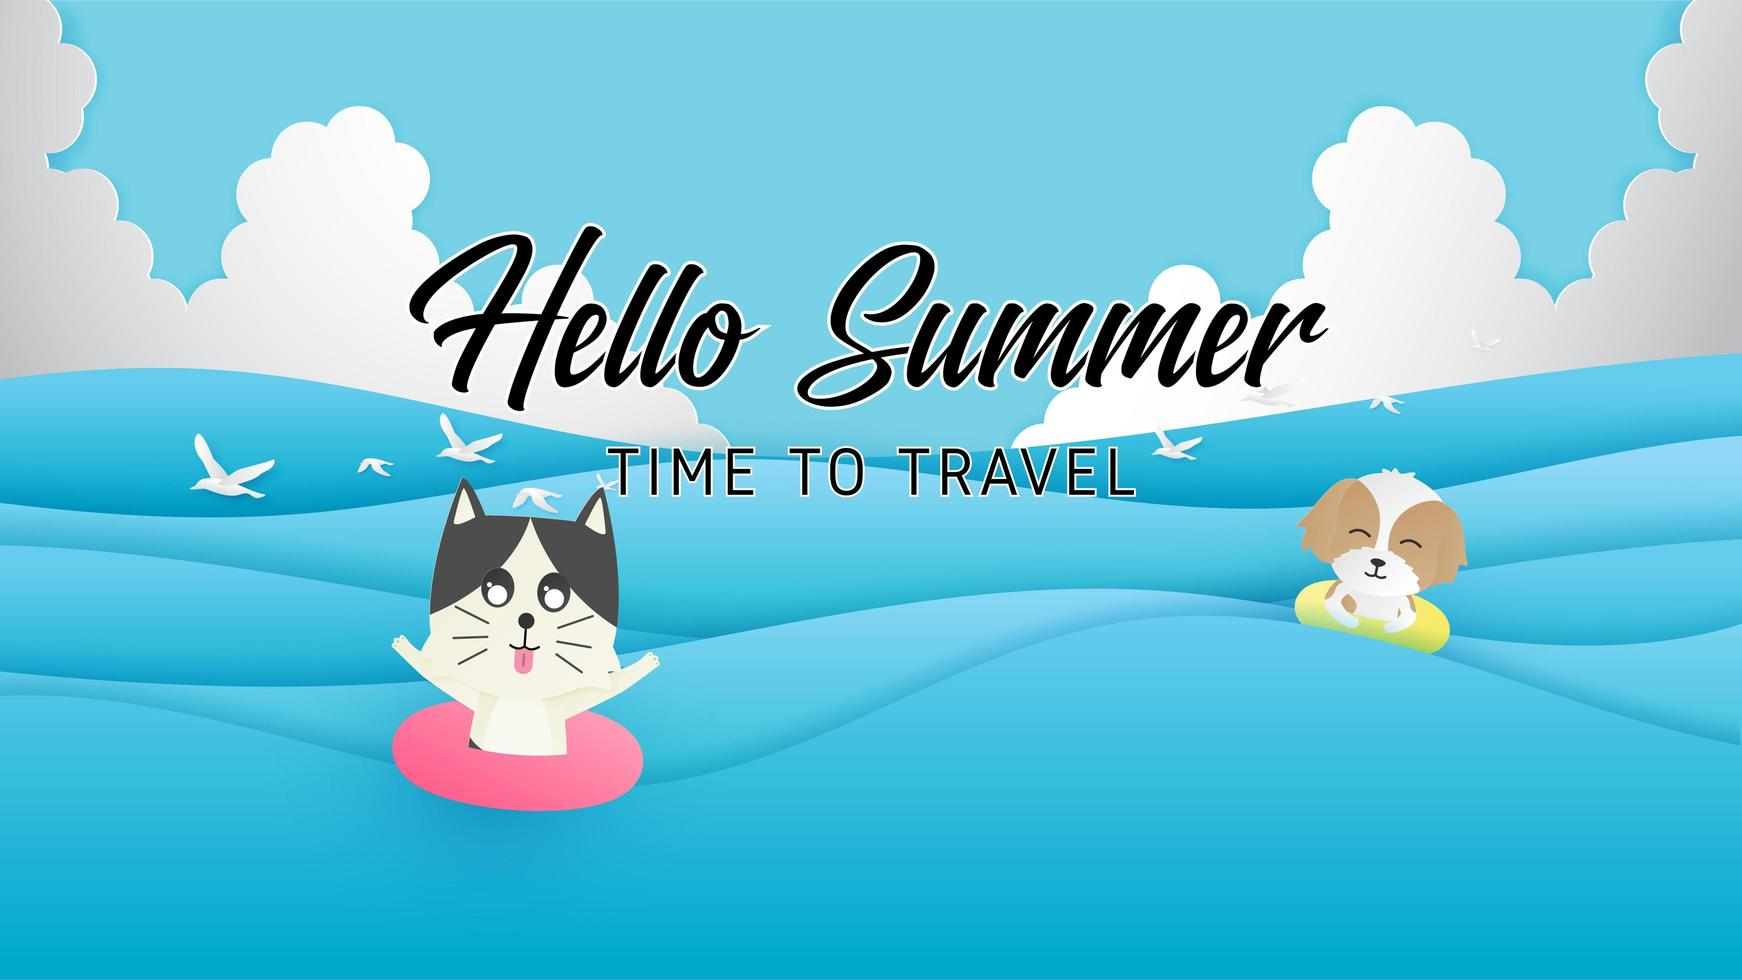 affiche de voyage d'été vecteur